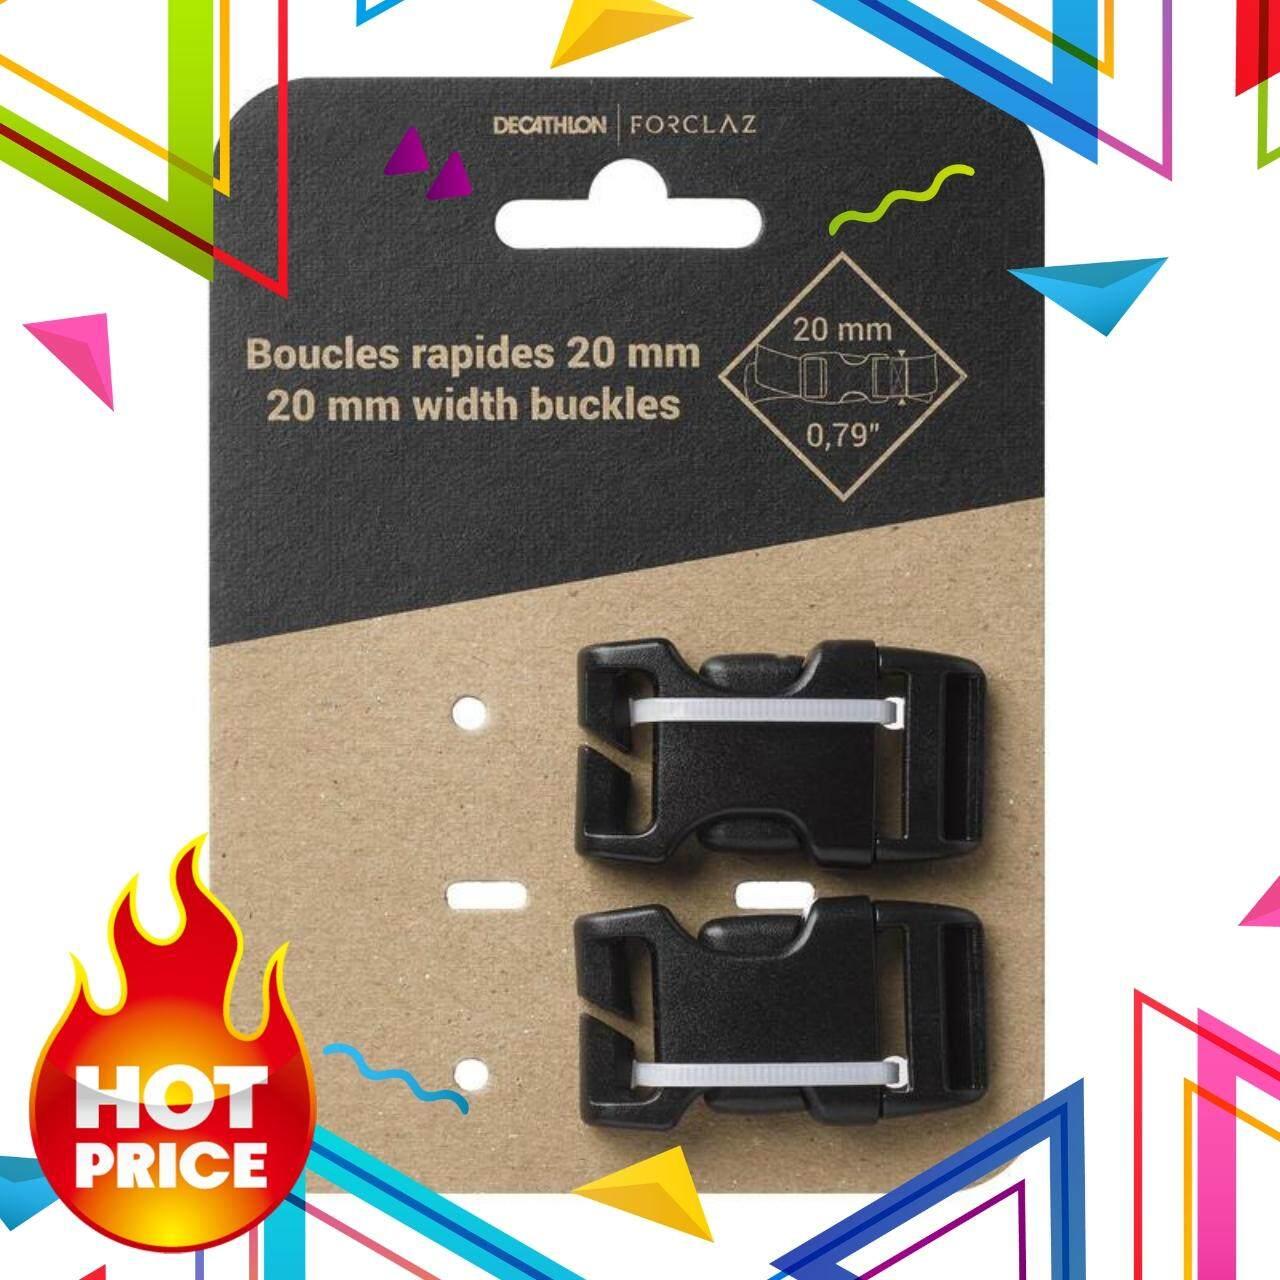 Speeddelivery กระเป๋ากันน้ำ 20 ลิตร (สีดำ) กระเป๋ากันน้ำ ที่สูบลม และอุปกรณ์ บอร์ดยืนพาย ไม้พาย เสื้อชูชีพ  ของแท้ 100% ราคาถูก